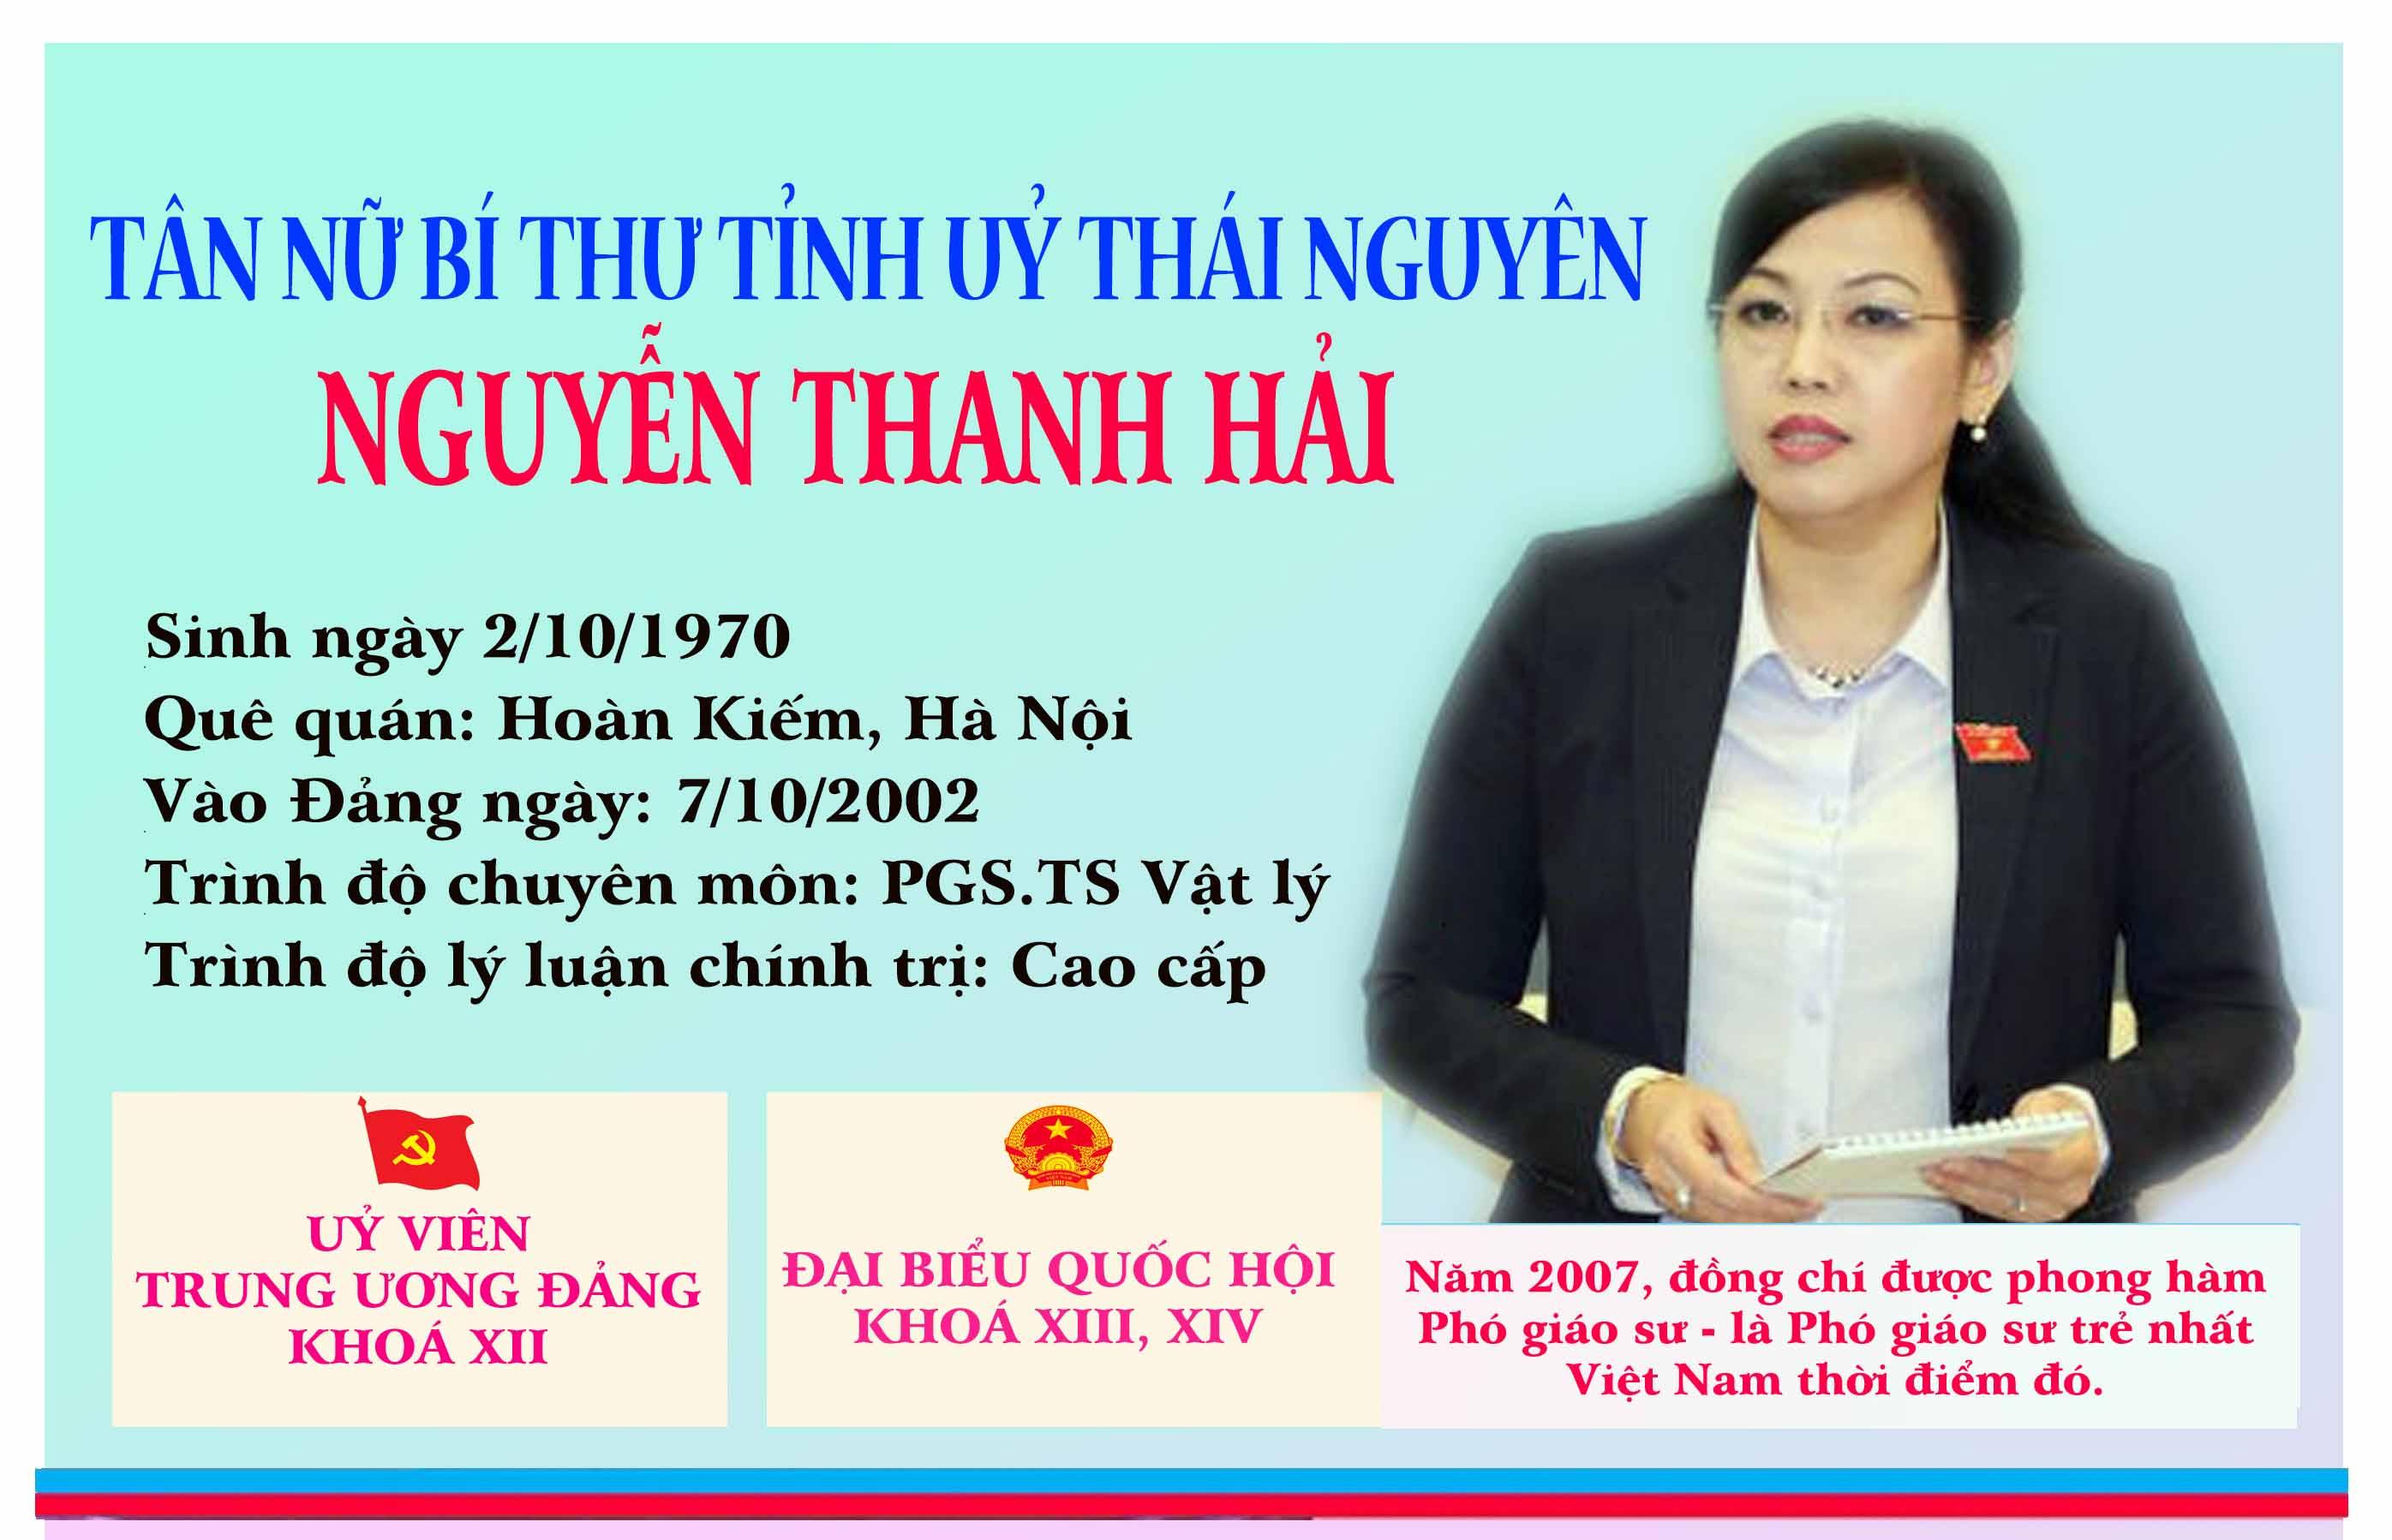 [Infographic] Chân dung tân Bí thư Tỉnh uỷ Thái Nguyên